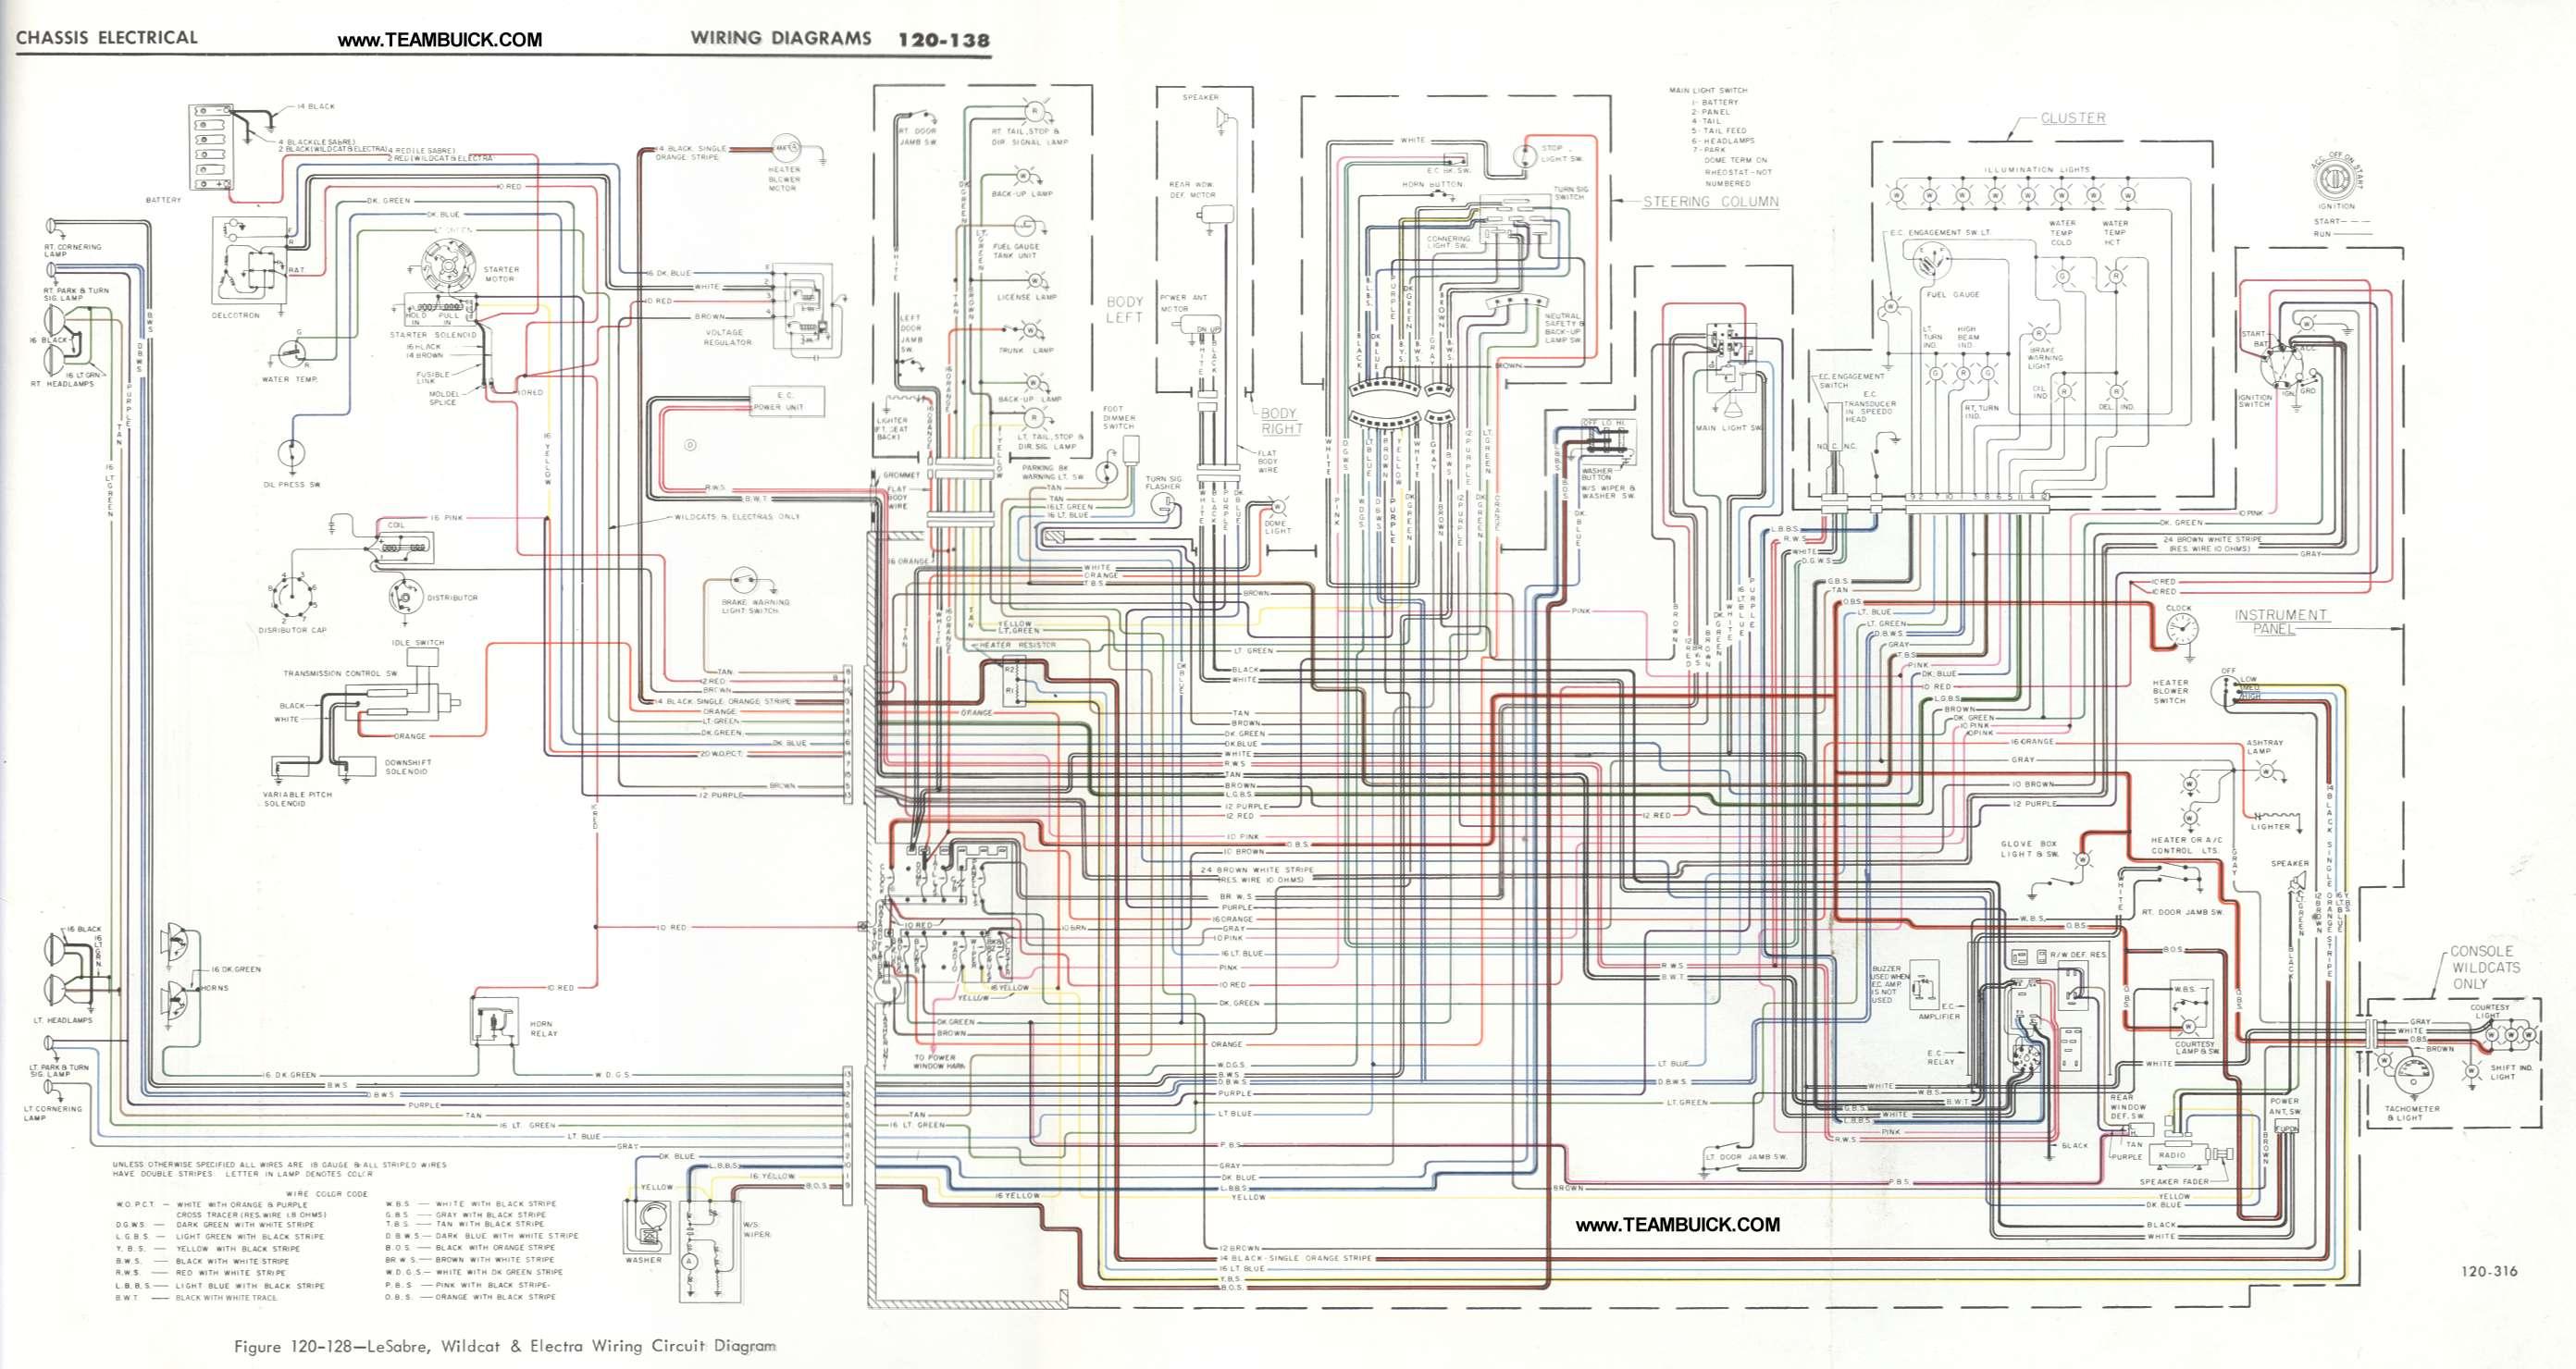 1967 buick wiring diagram - wiring diagrams library  20.d1.kreidlermueller.de